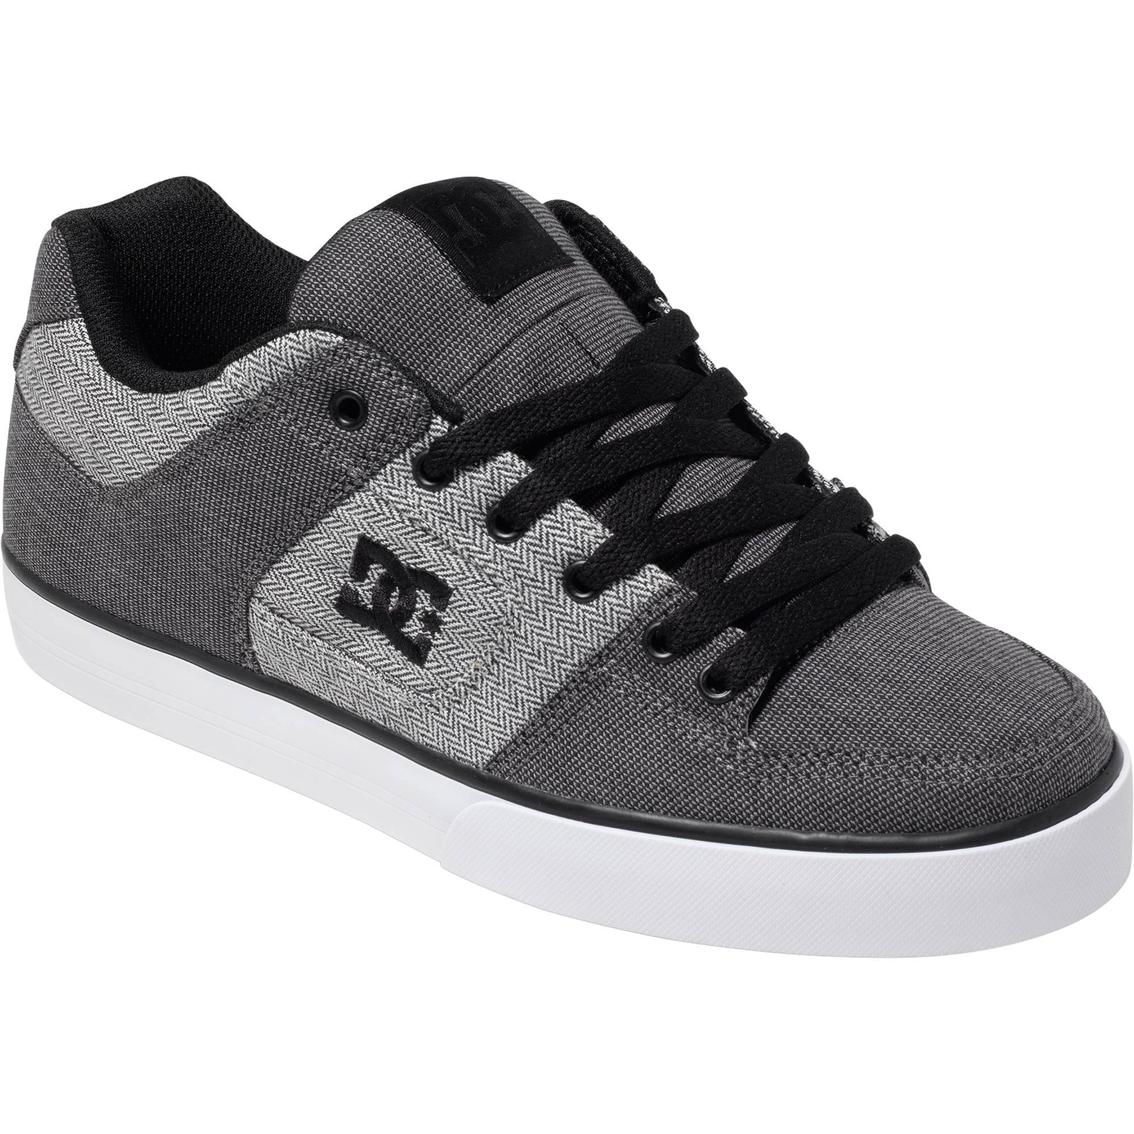 Dc Shoes Men's Pure Tx Se Skate Shoes